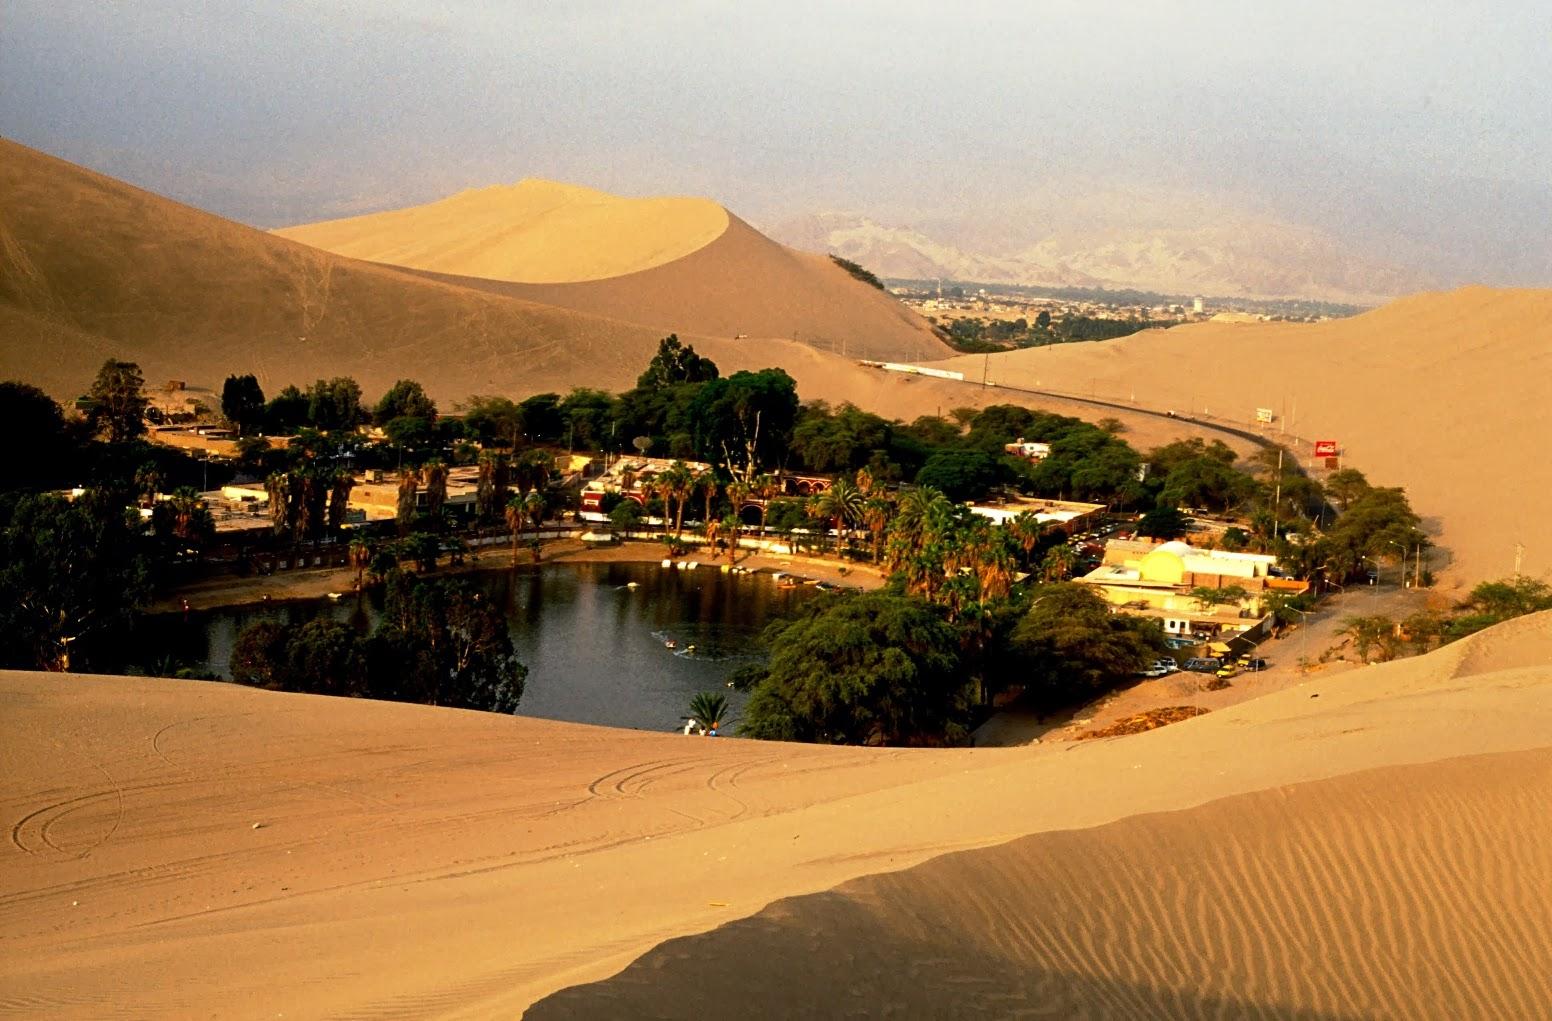 Destino América: ¡Todo Arena! En la Huacachina, oasis del ...: http://destinoamerica.blogspot.com/2013/11/todo-arena-en-la-huacachina-oasis-del.html